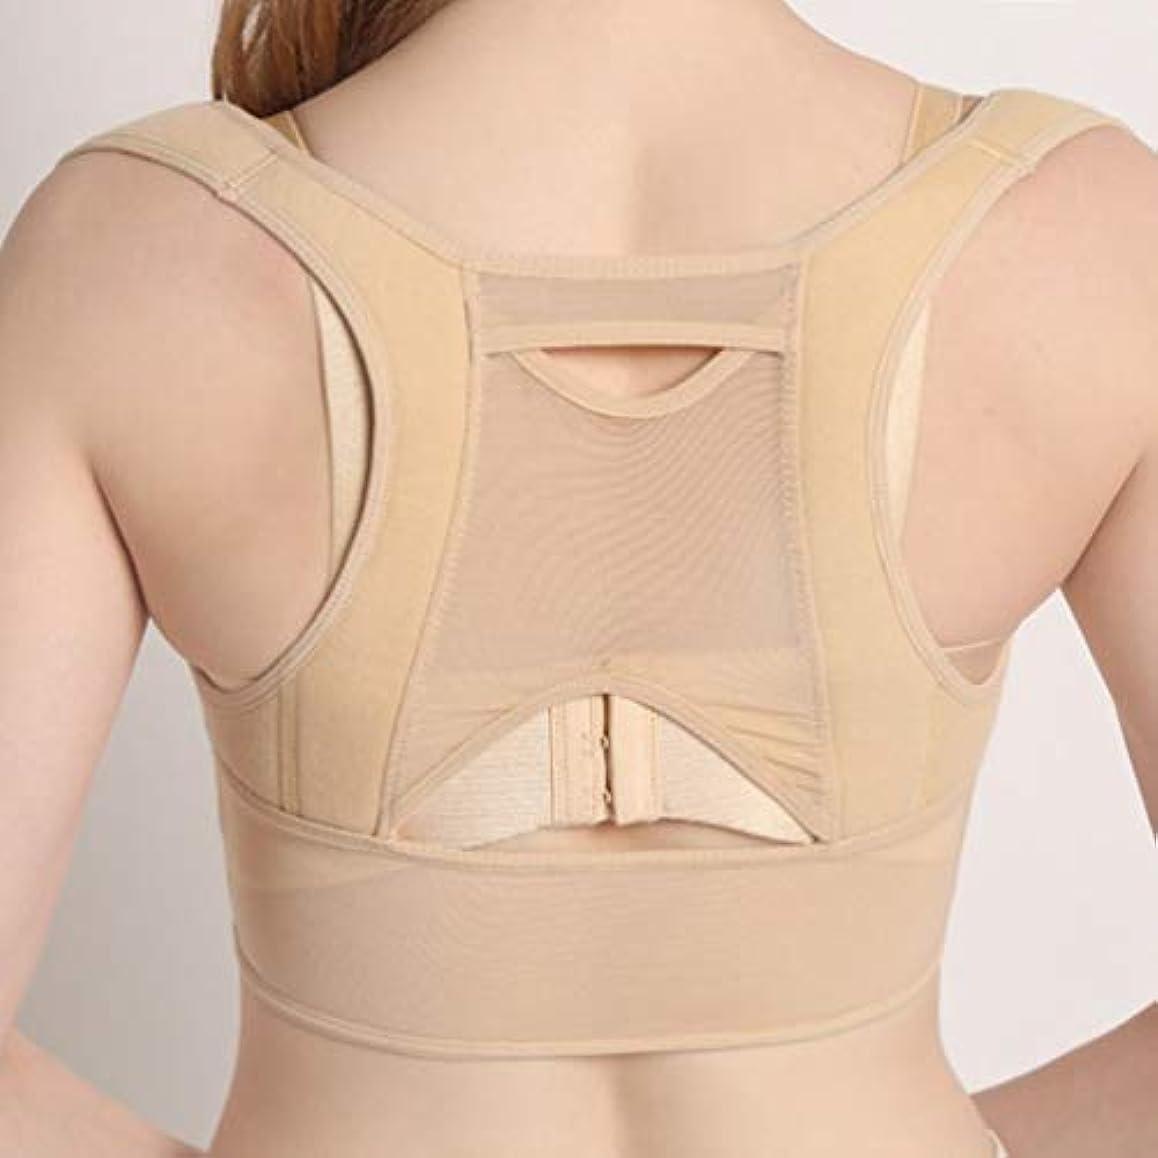 ファイアルパトロール詐欺通気性のある女性の背中の姿勢矯正コルセット整形外科の肩の背骨の姿勢矯正腰椎サポート - ベージュホワイトM